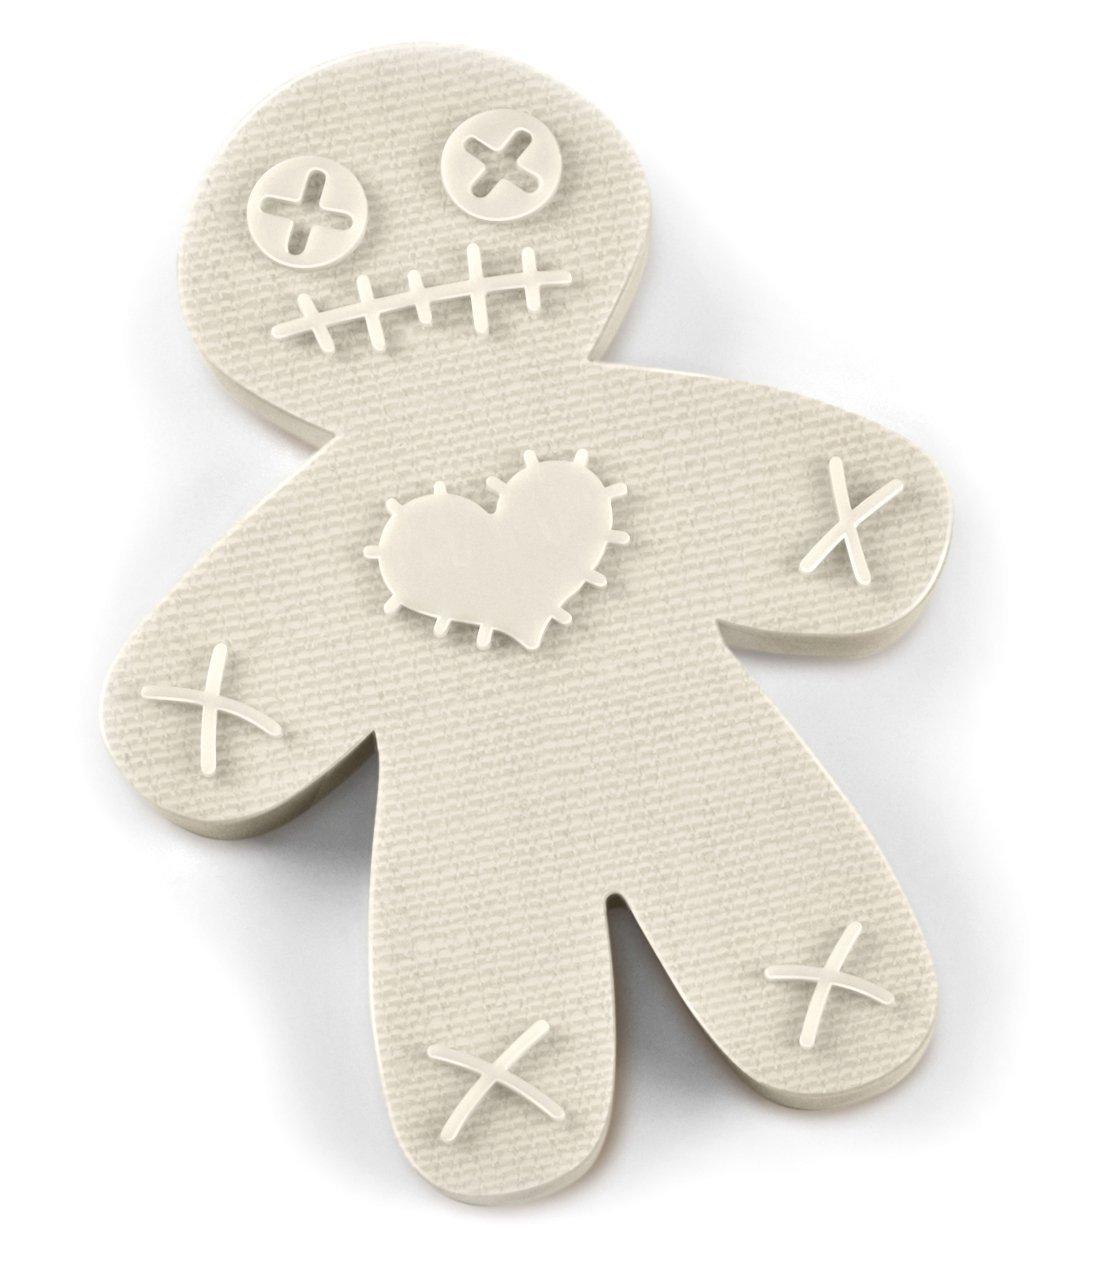 Voodoo Cookie Stamp For Halloween